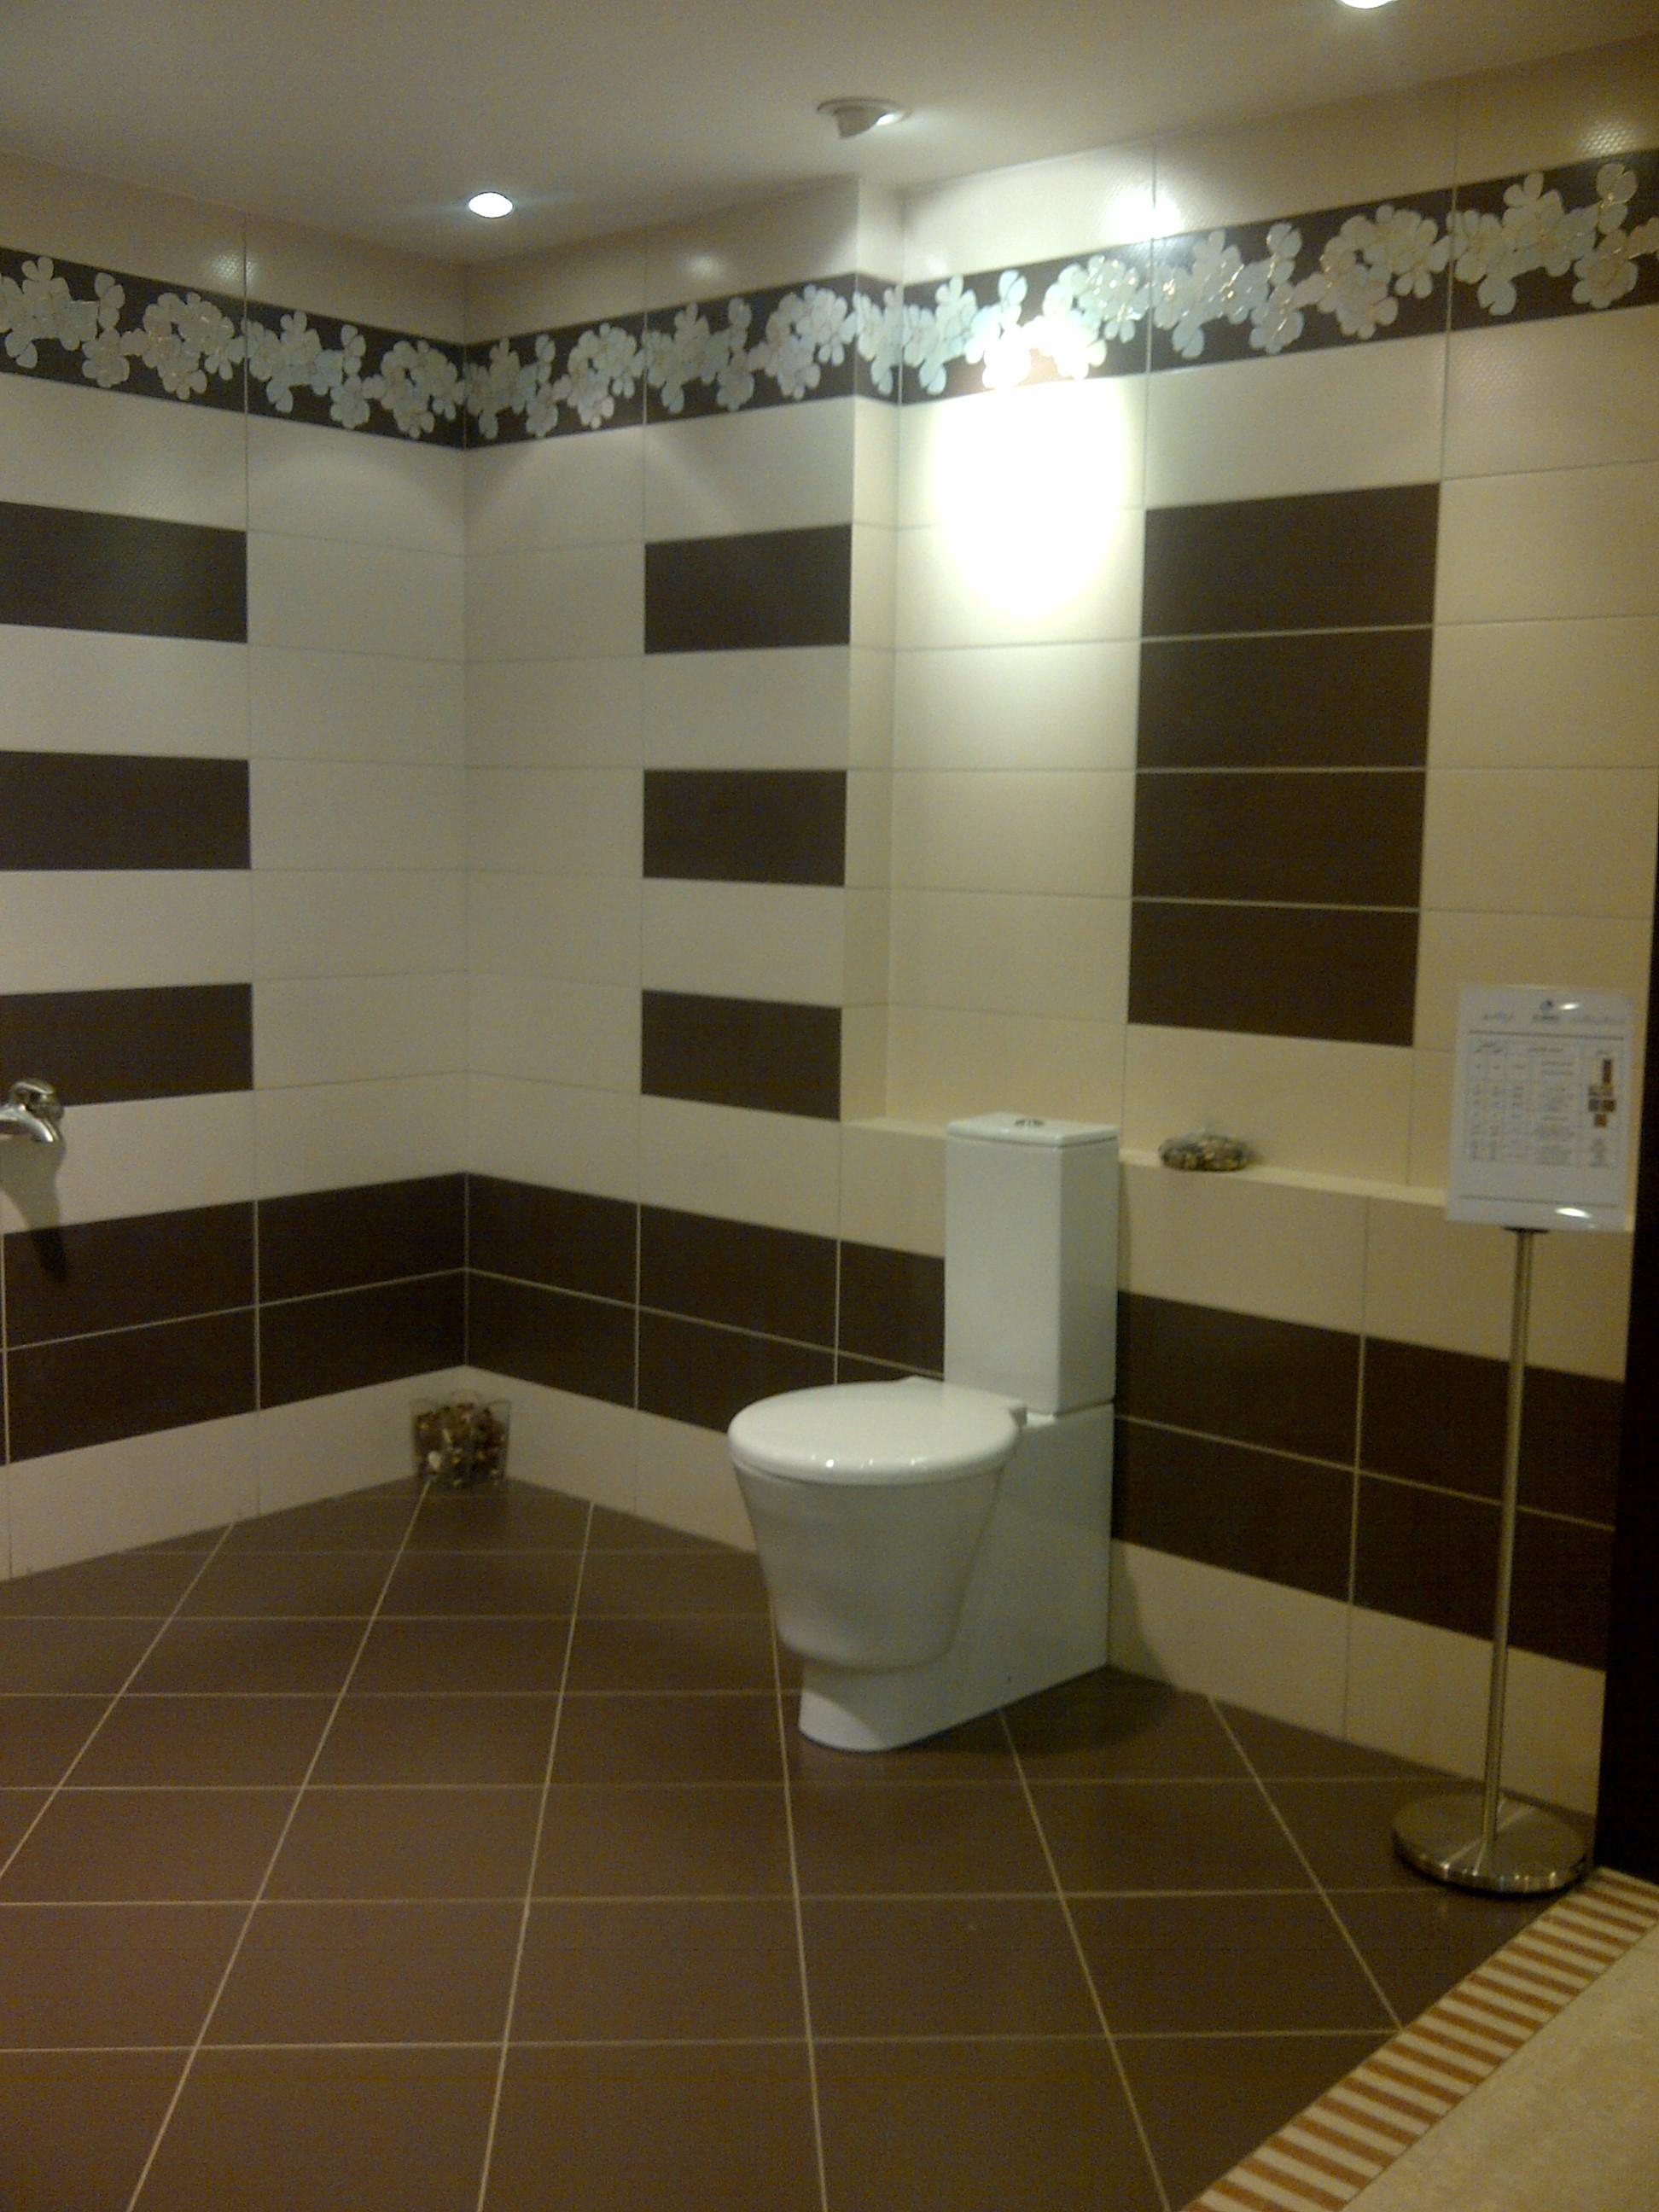 بالصور بلاط حمامات , اجمل واحدث بلاط الحمامات 788 12